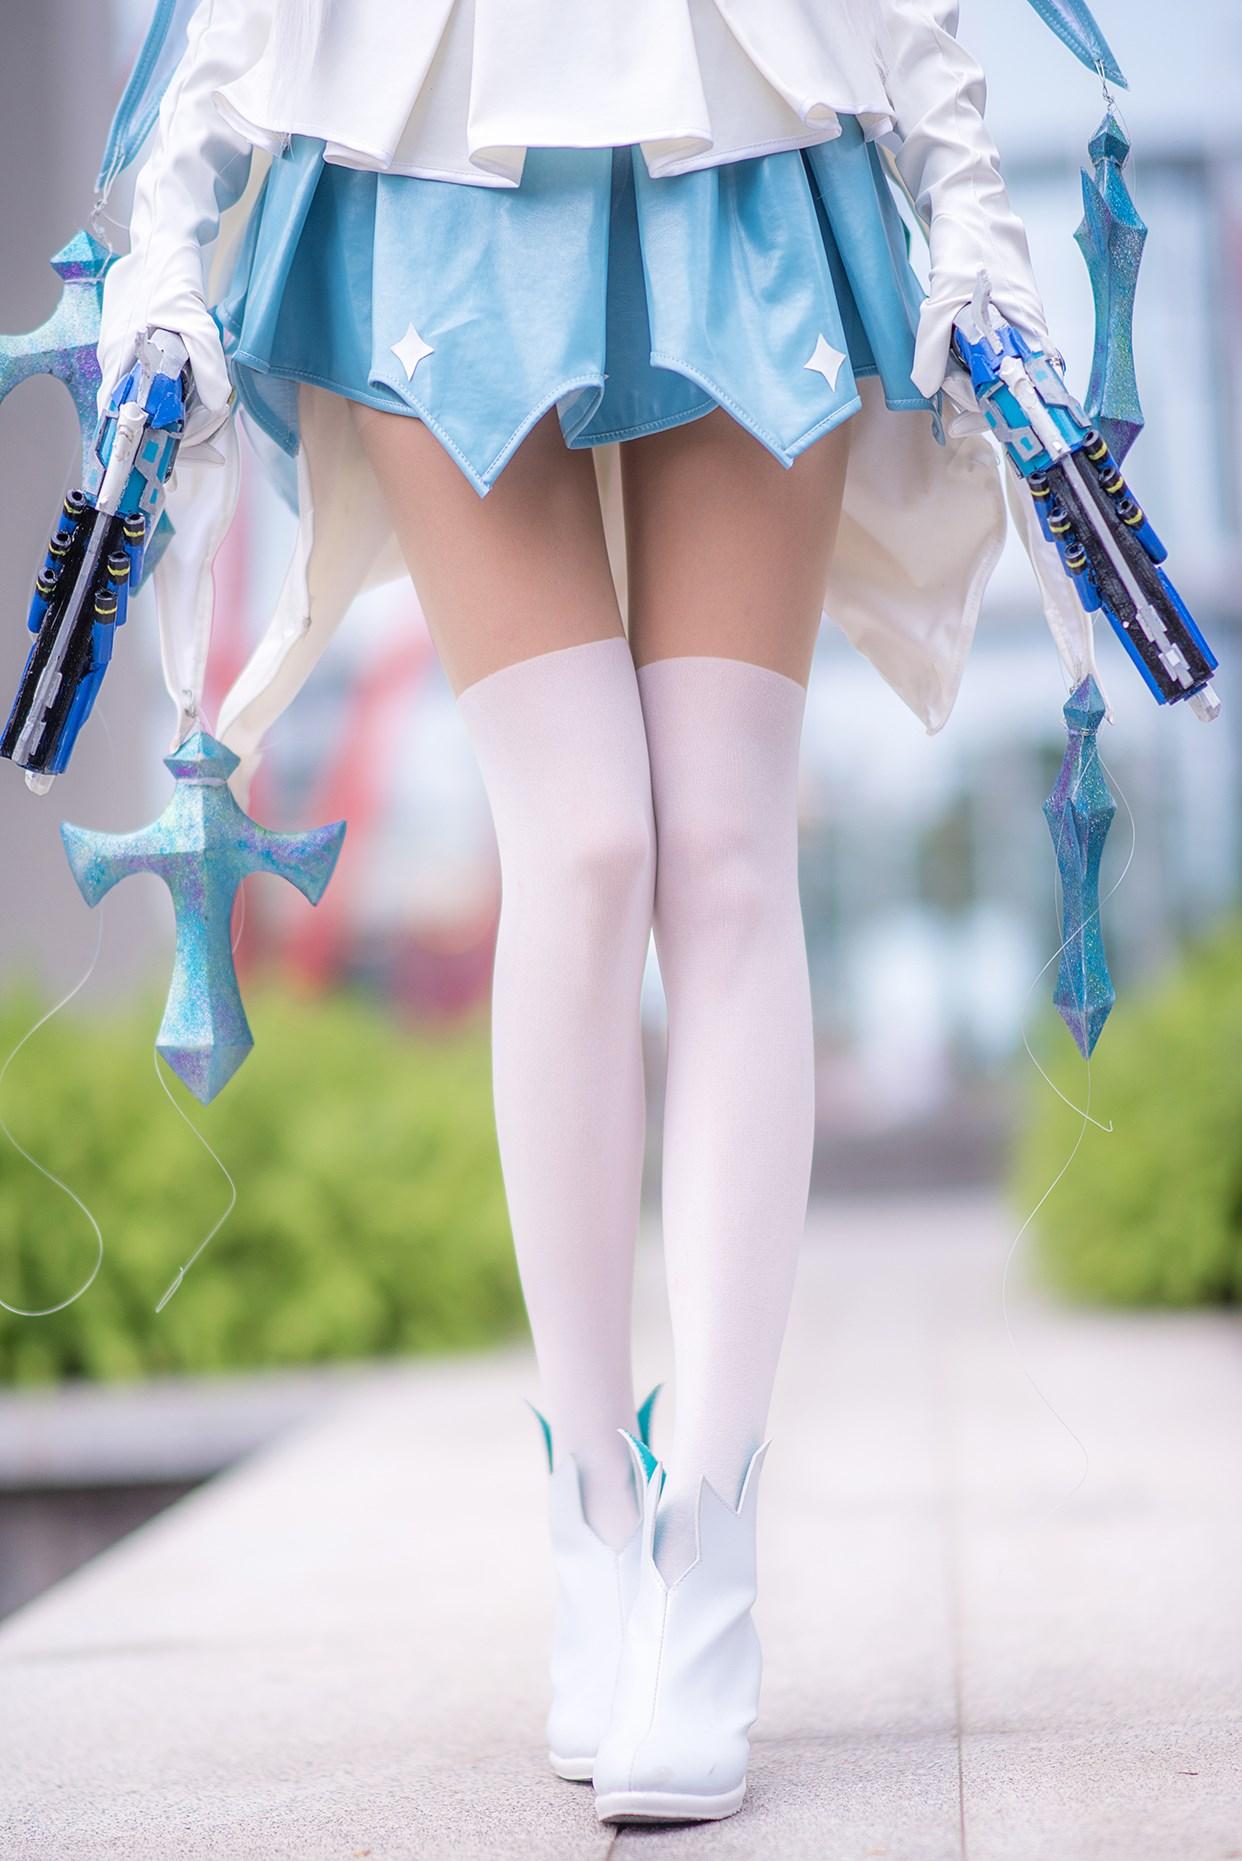 【兔玩映画】各种腿照福利 兔玩映画 第22张